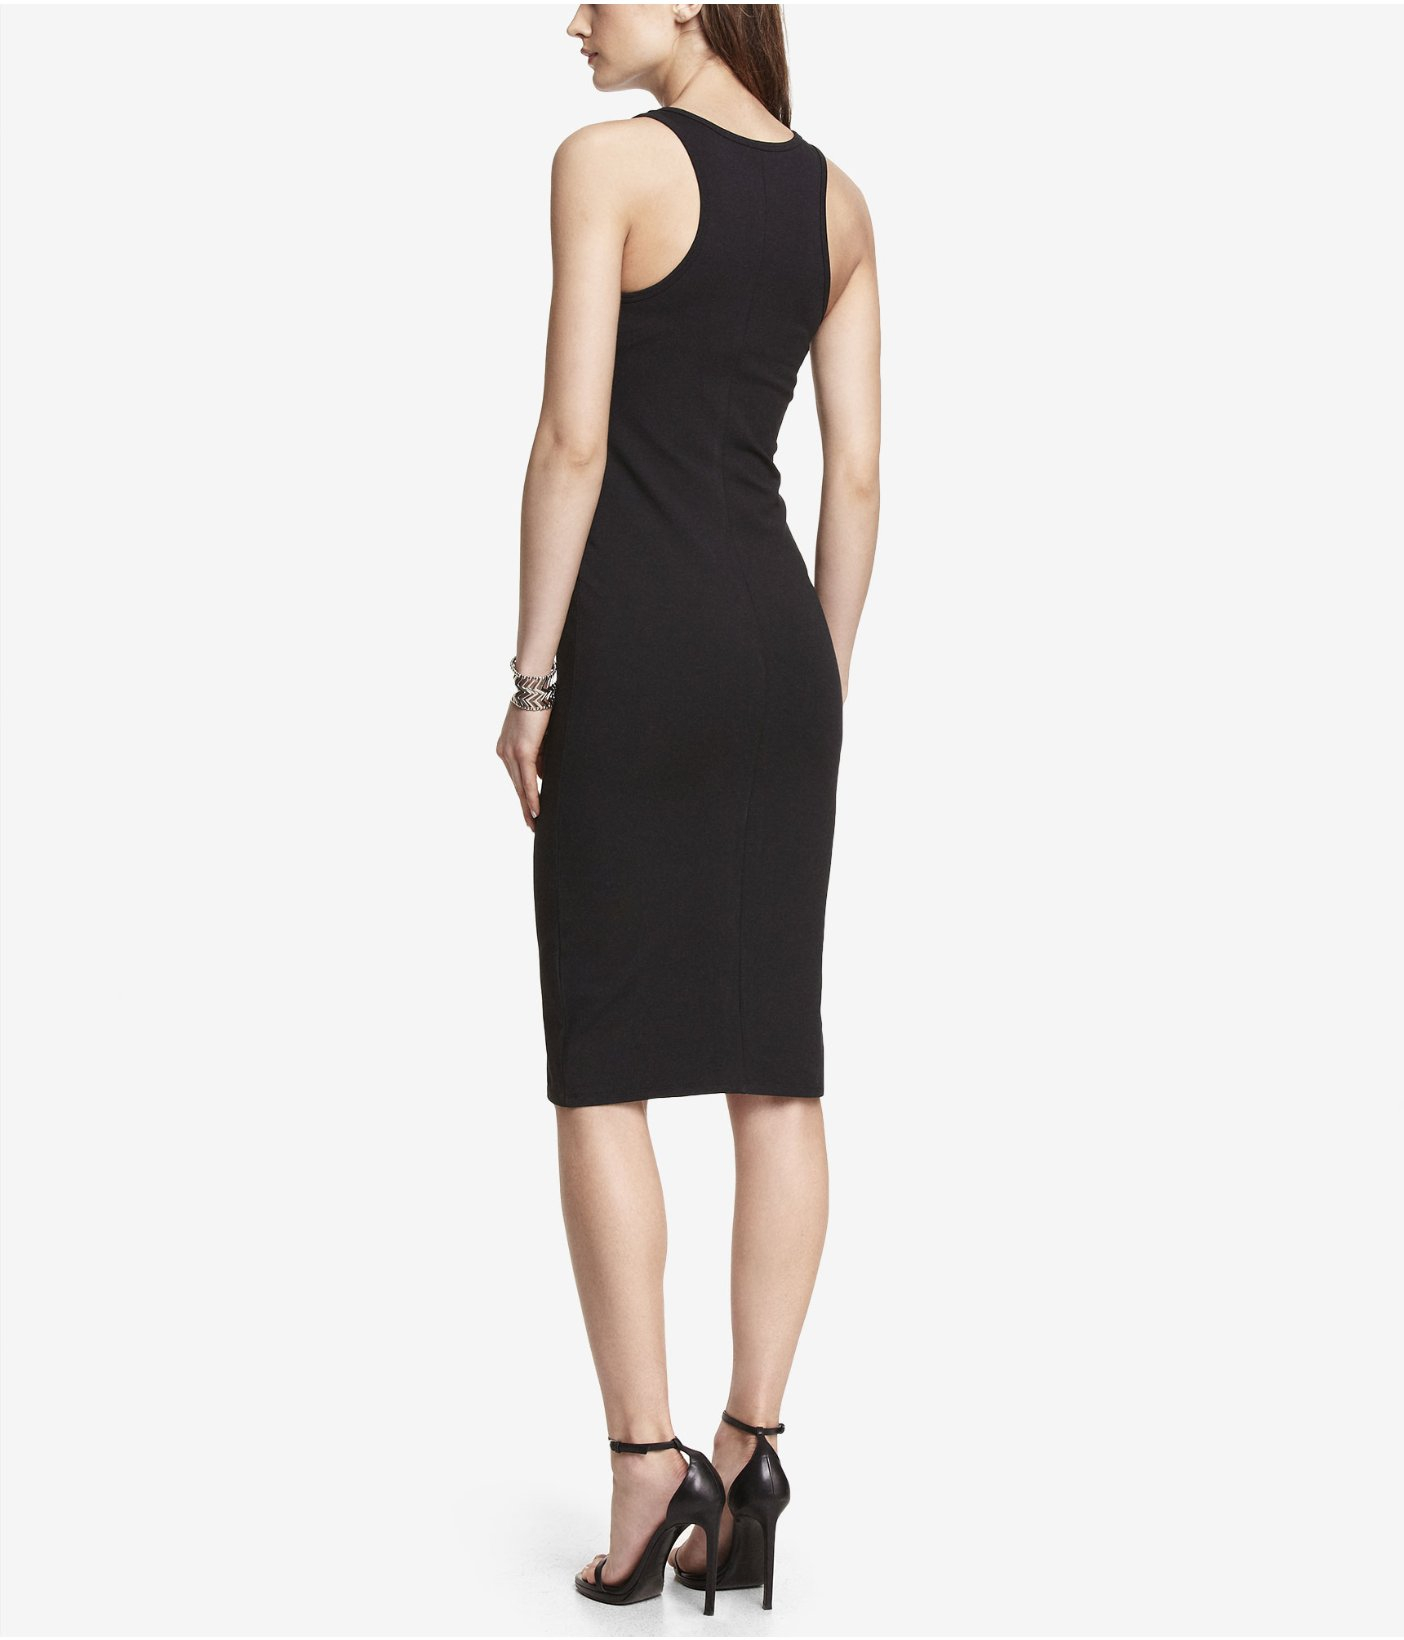 b8f7a1bf Express Zip Front Midi Sheath Dress in Black - Lyst